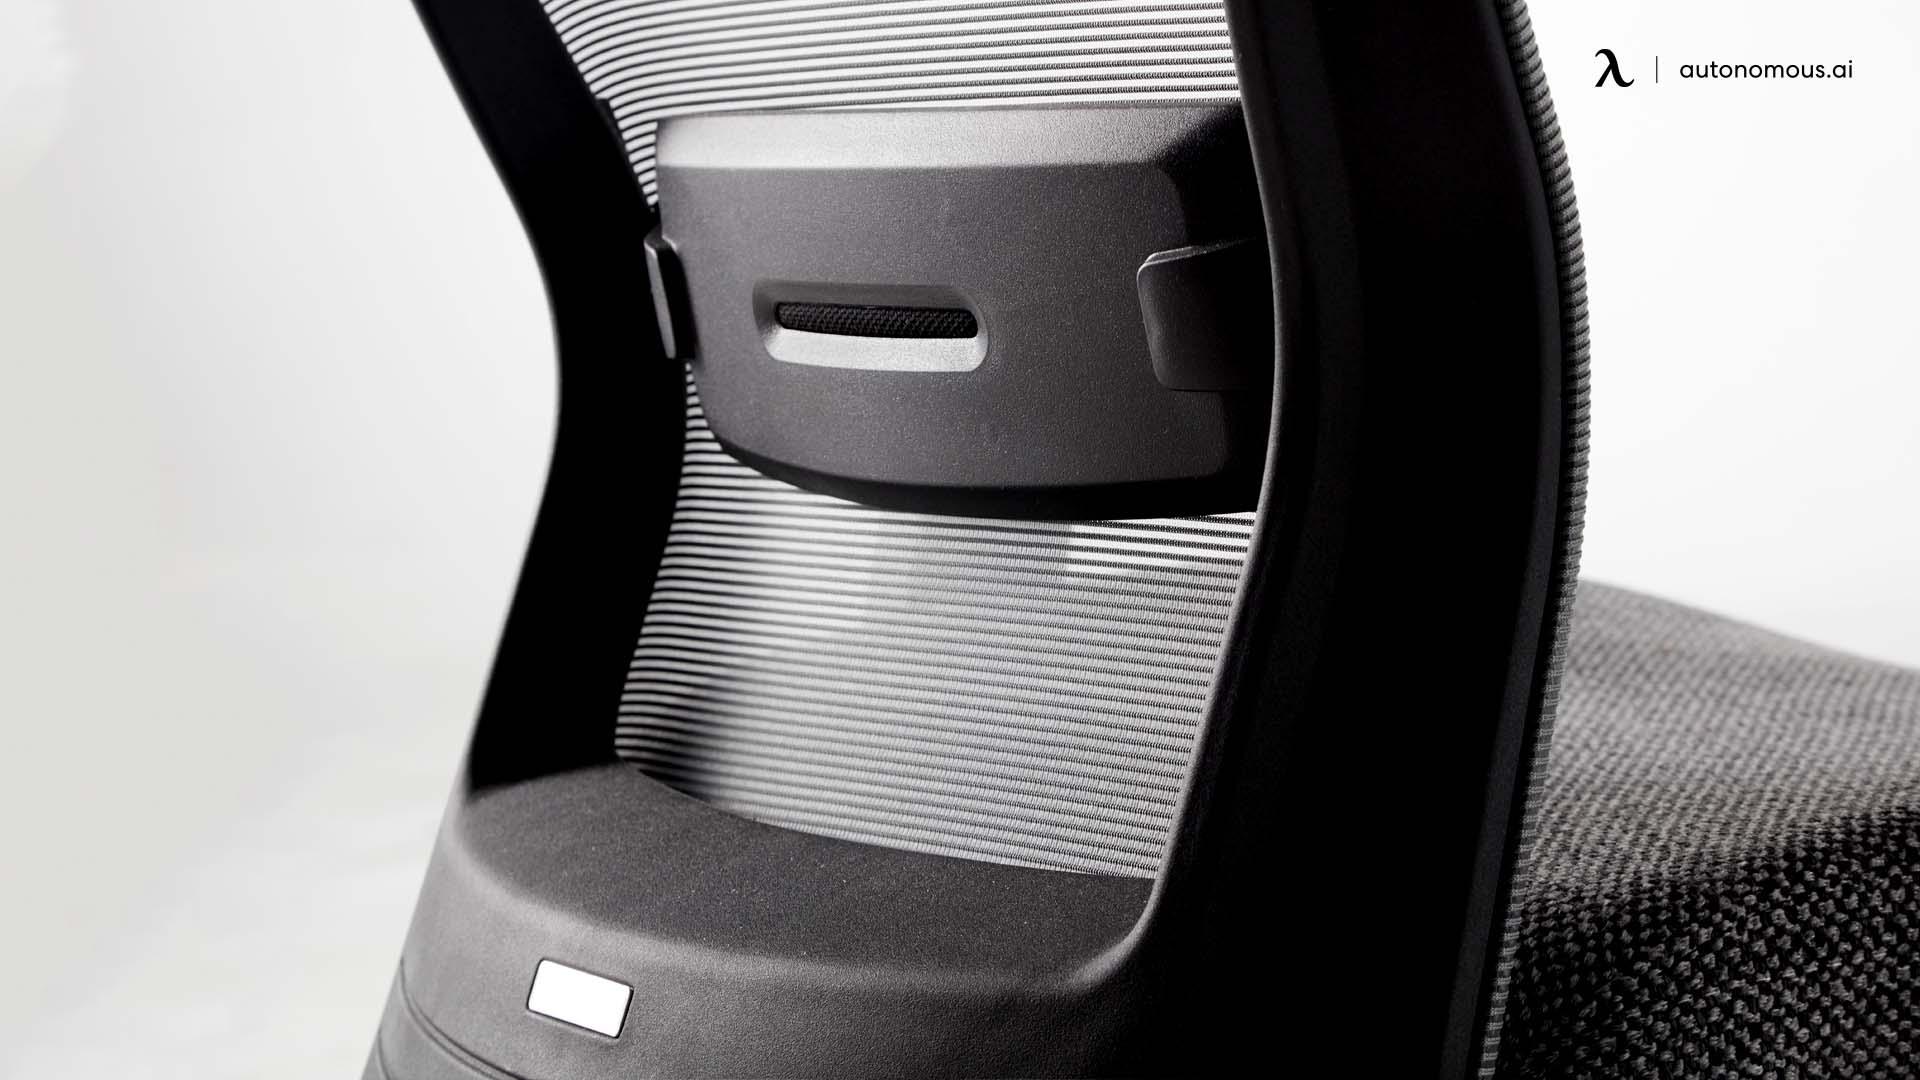 Ergonomic Computer Chair with Premium Materials